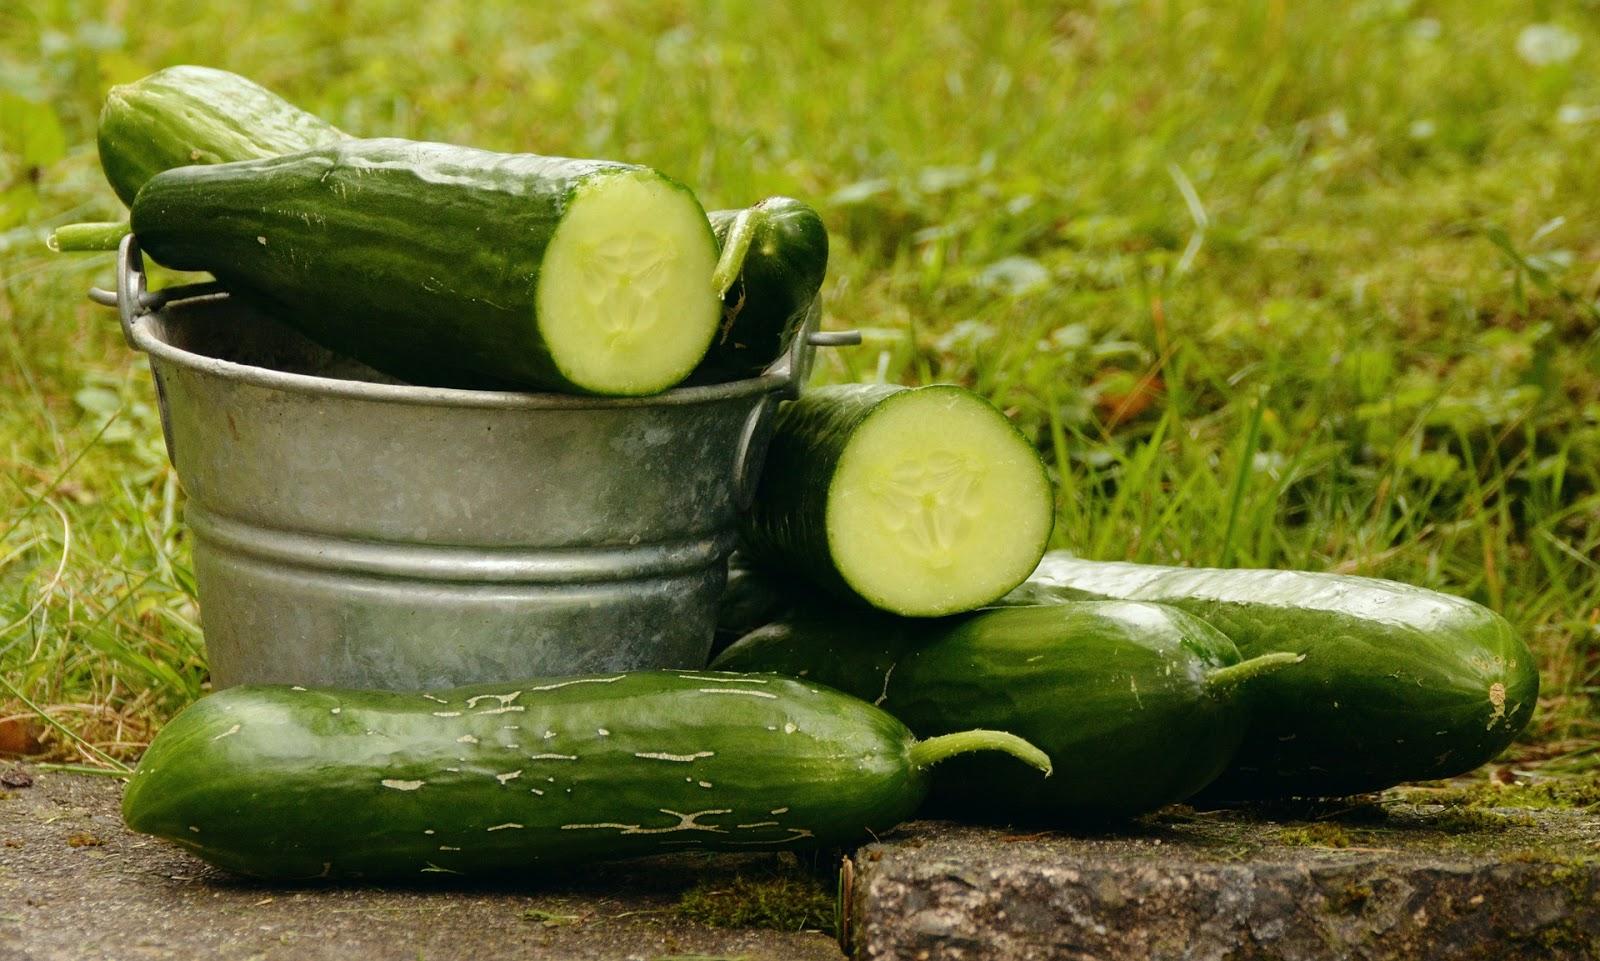 Йод для огурцов: чем полезен, рецепты удобрения, правила подкормки, отзывы и рекомендации